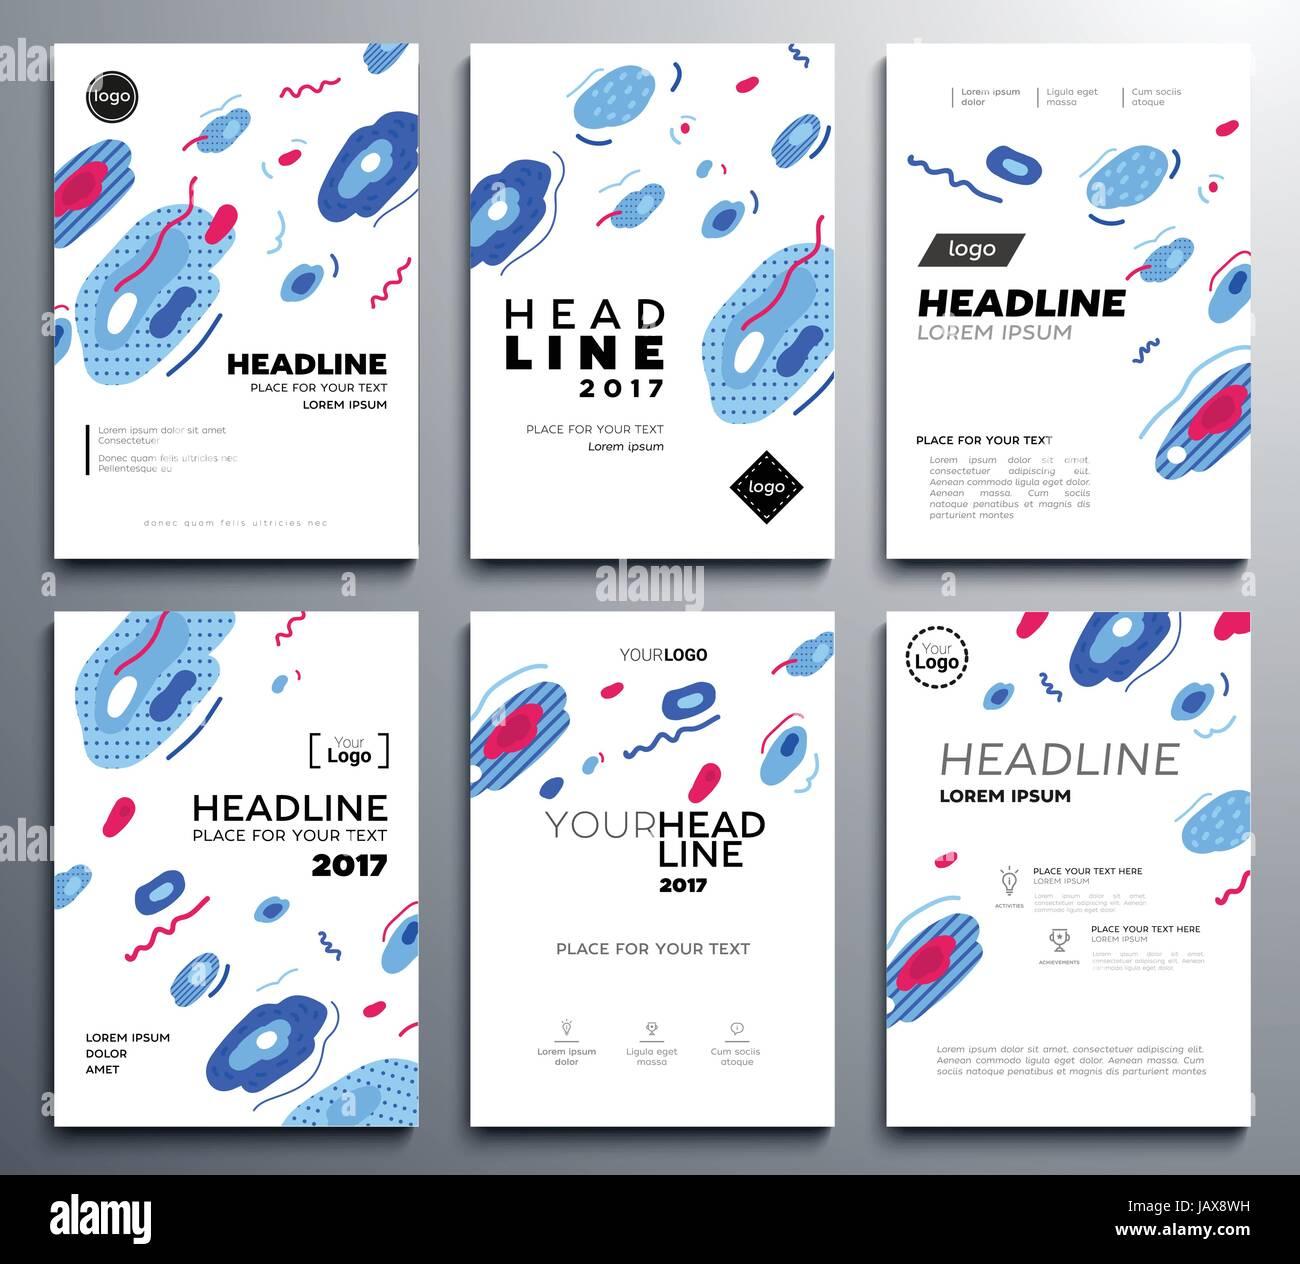 Fantastisch Broschüre Vorlage Für Word Zeitgenössisch - Entry Level ...